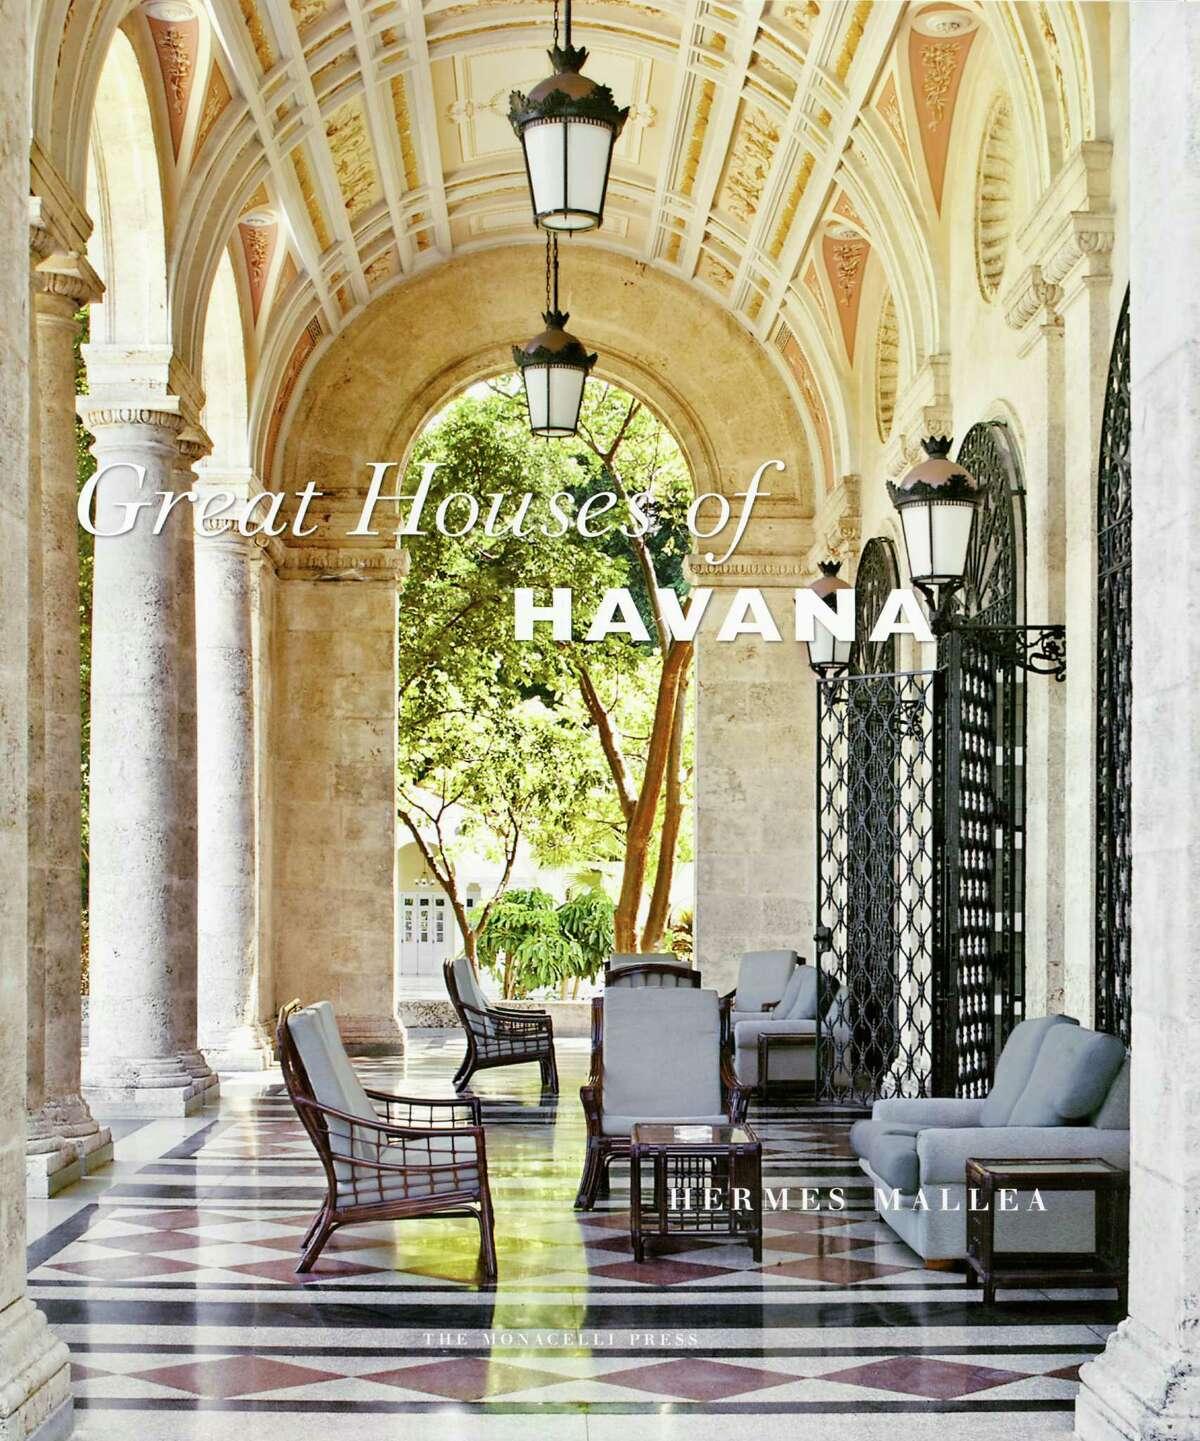 """""""Great Houses of Havana"""" by Hermes Mallea"""